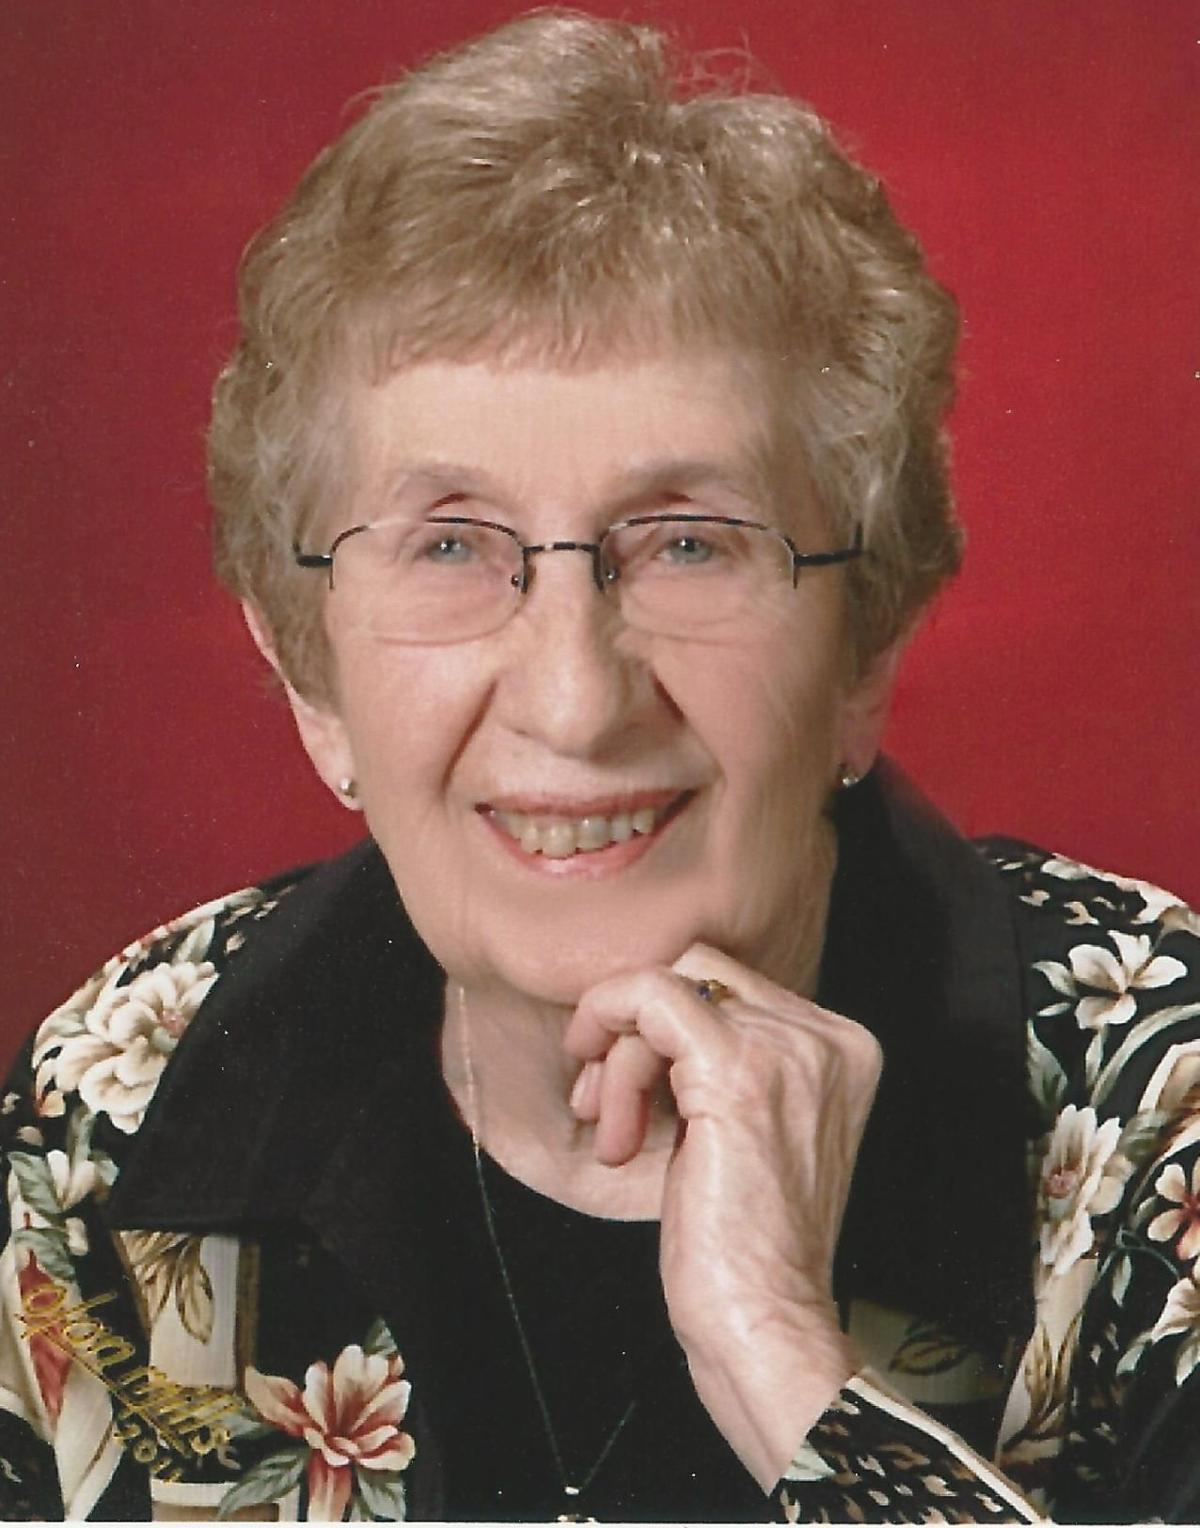 Janet Weakman